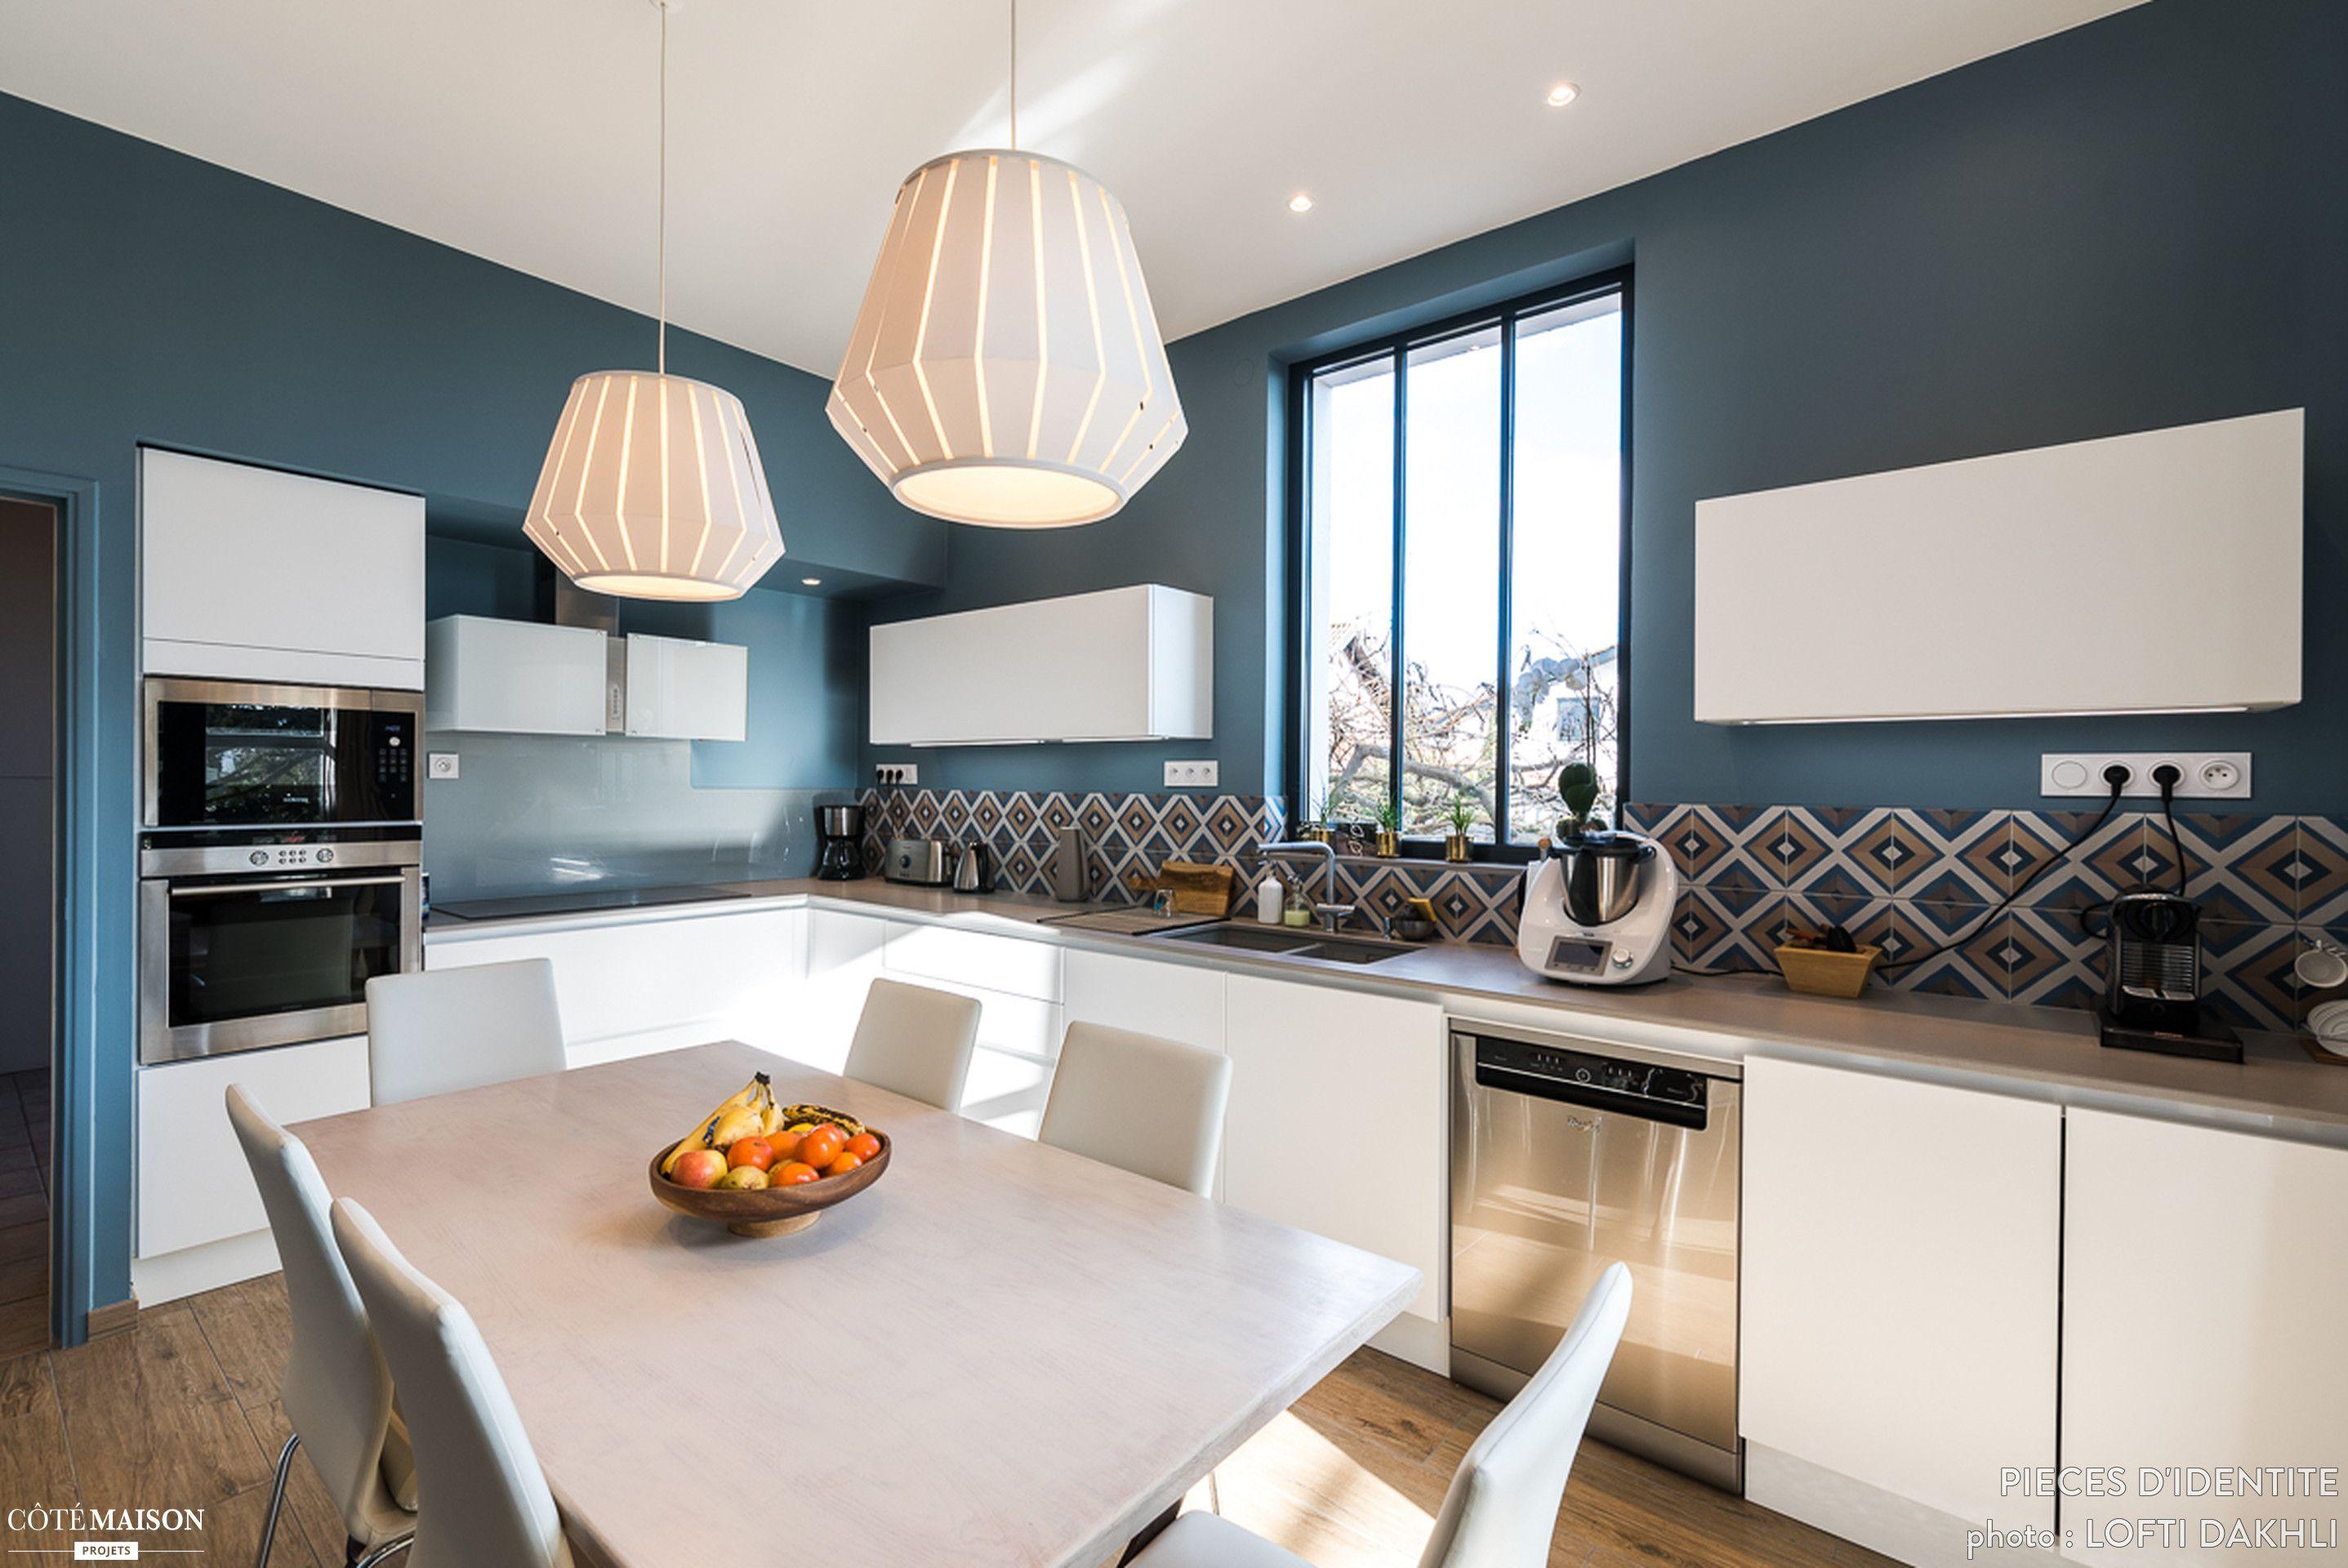 R novation cuisine contemporaine et douce dans maison bourgeoise pi ces d 39 identit c t - Cuisine maison bourgeoise ...